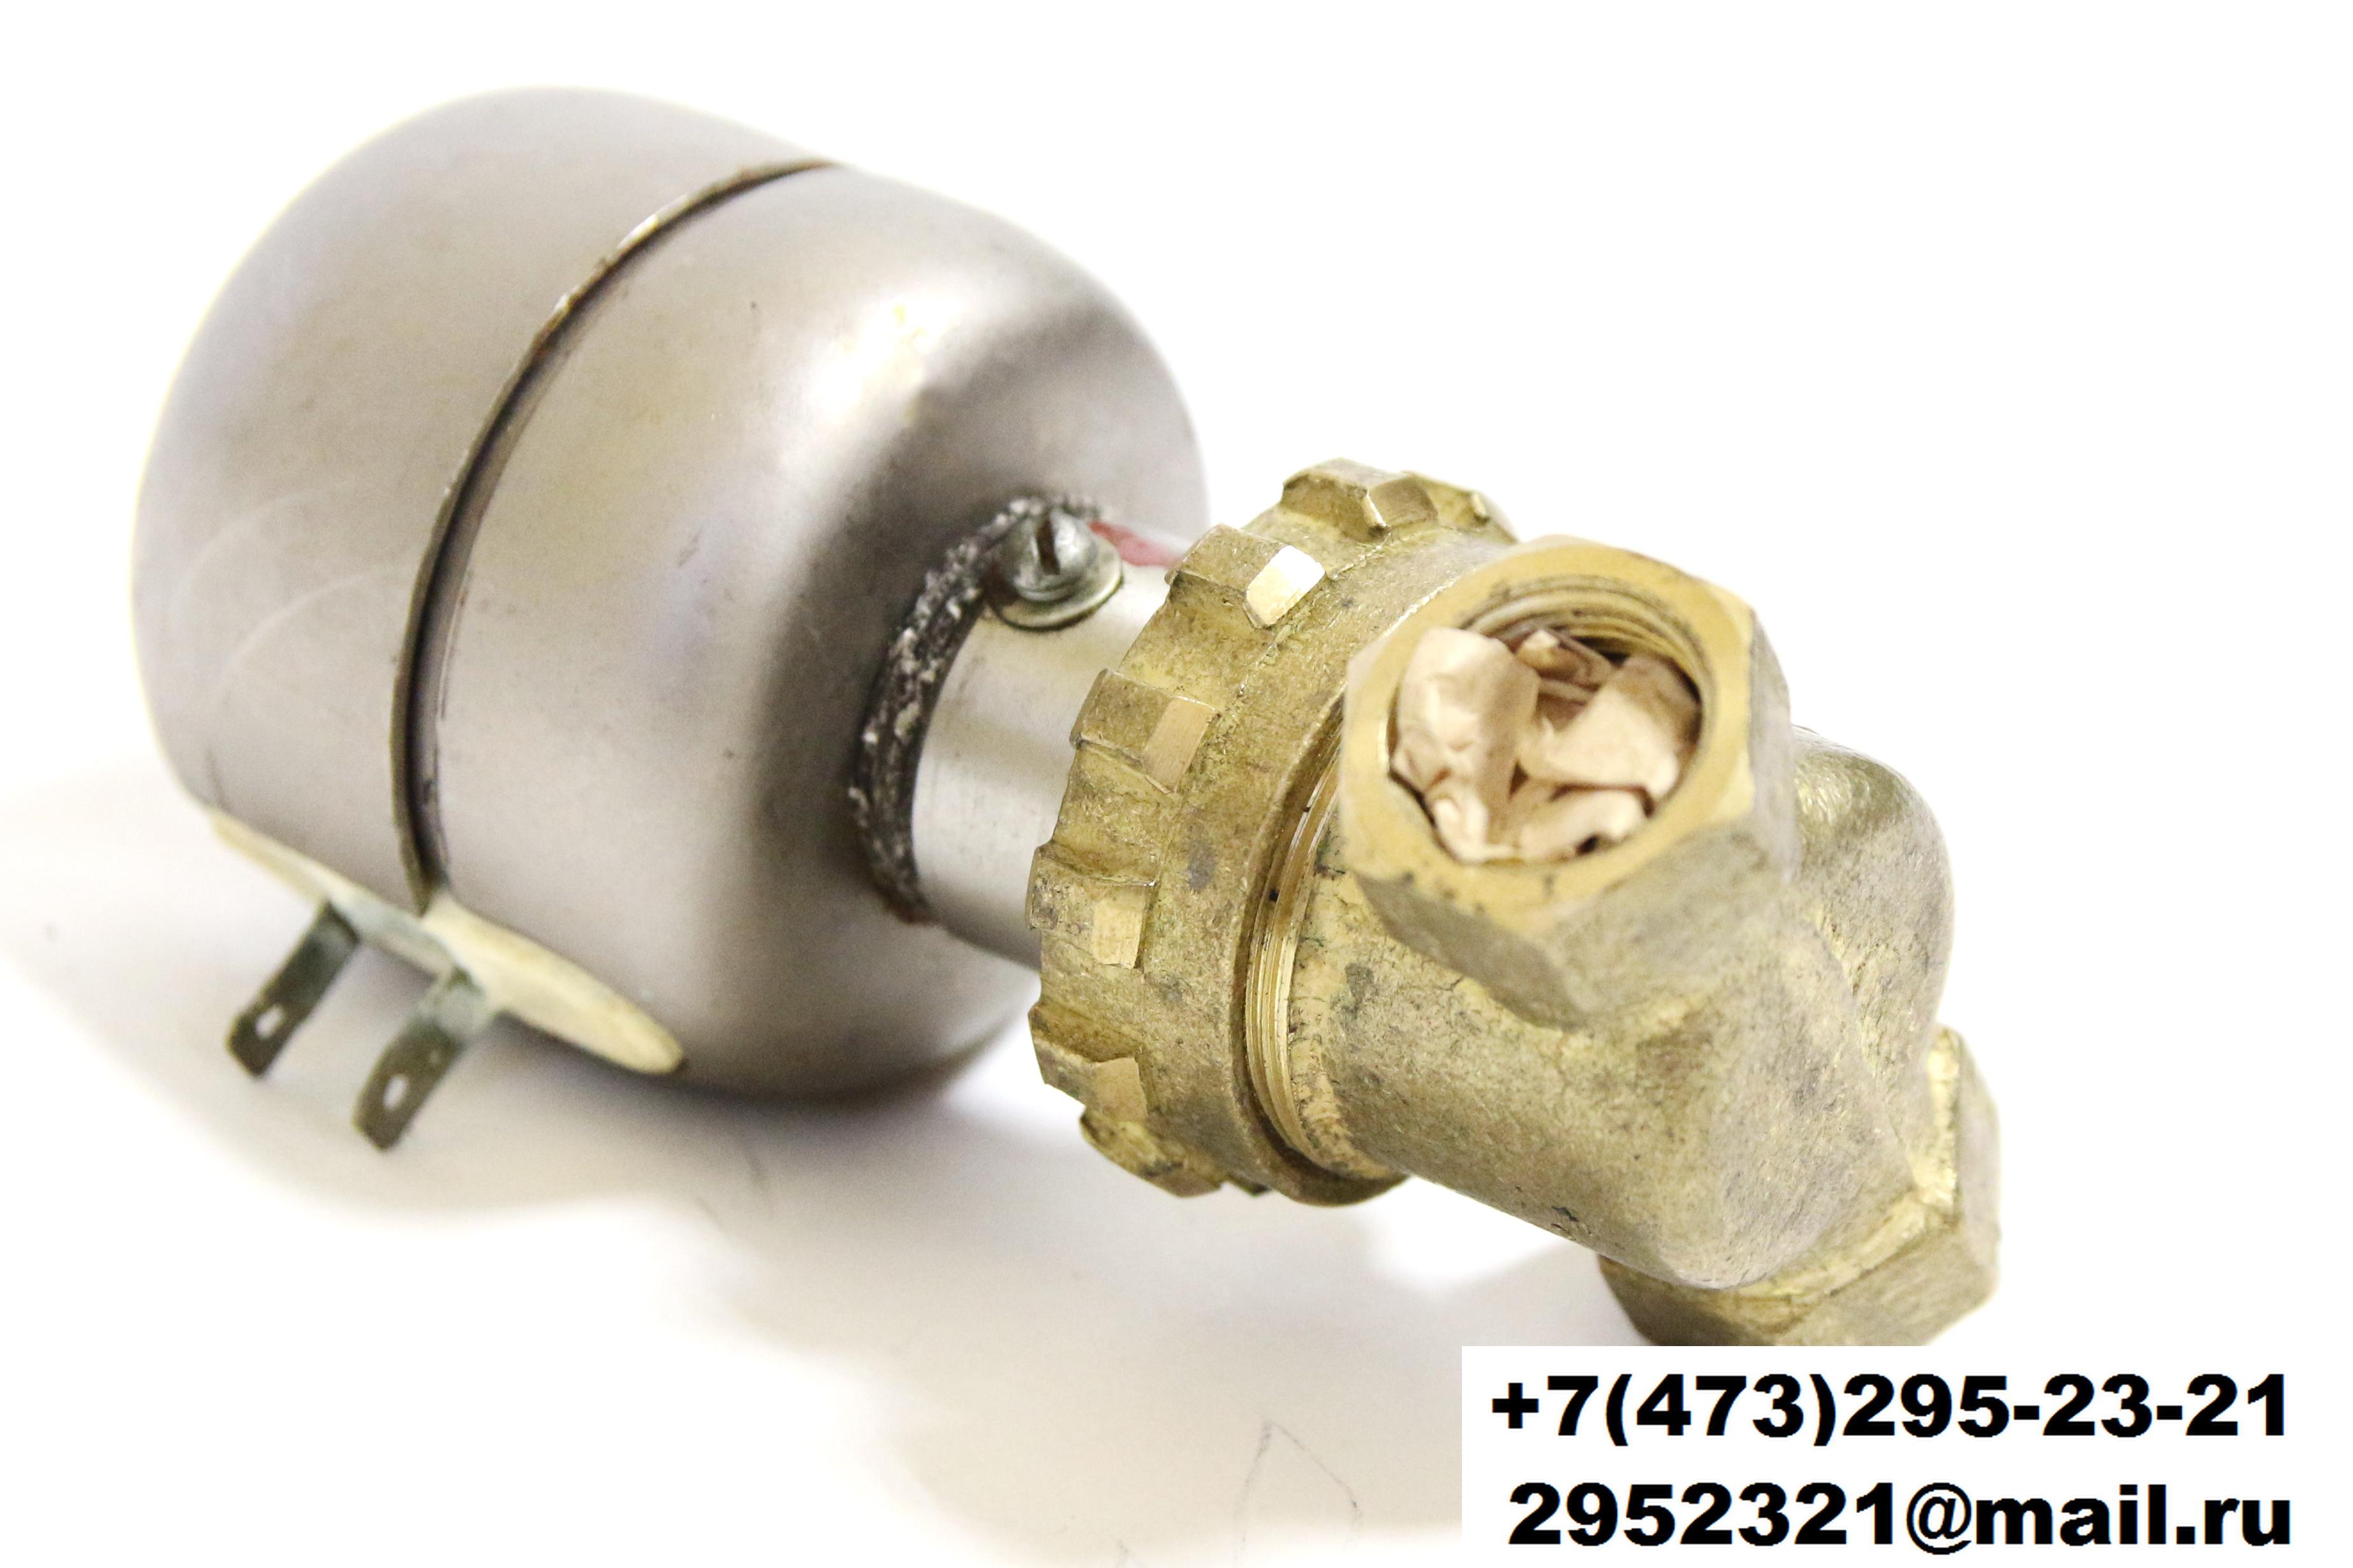 Клапан П326291-С010М (15Б859п)